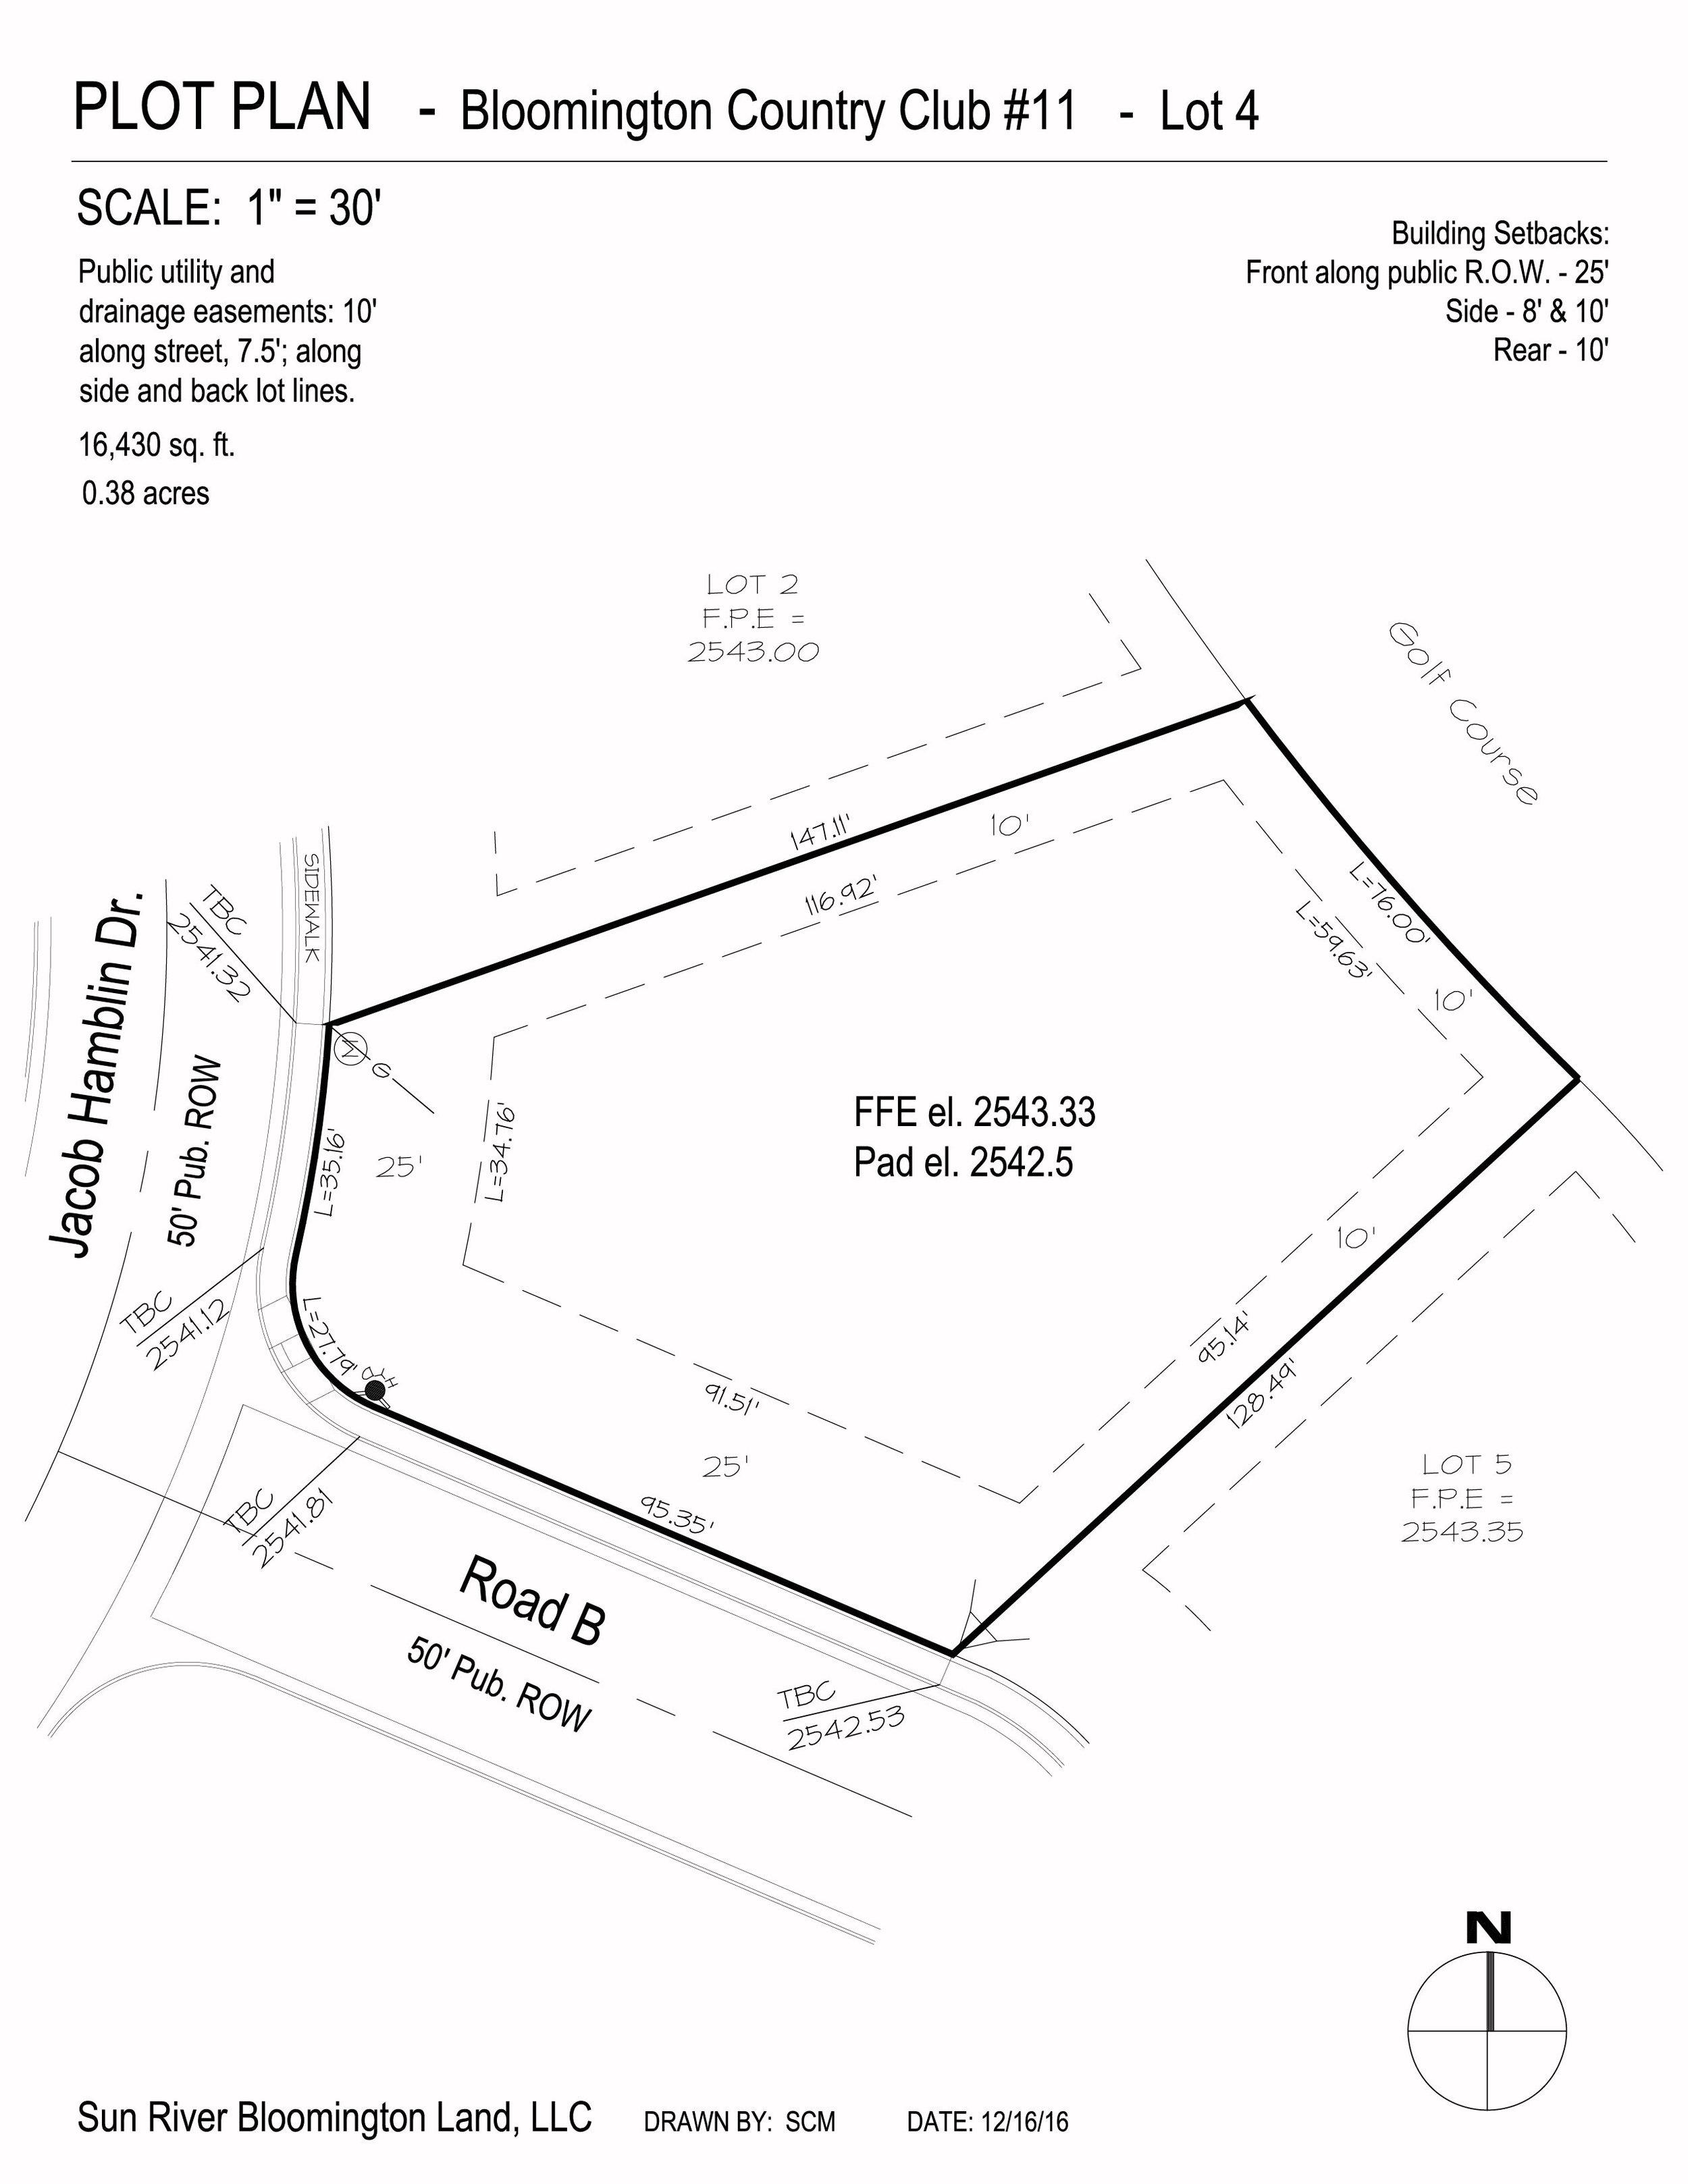 hamblin plot plans-04.jpg